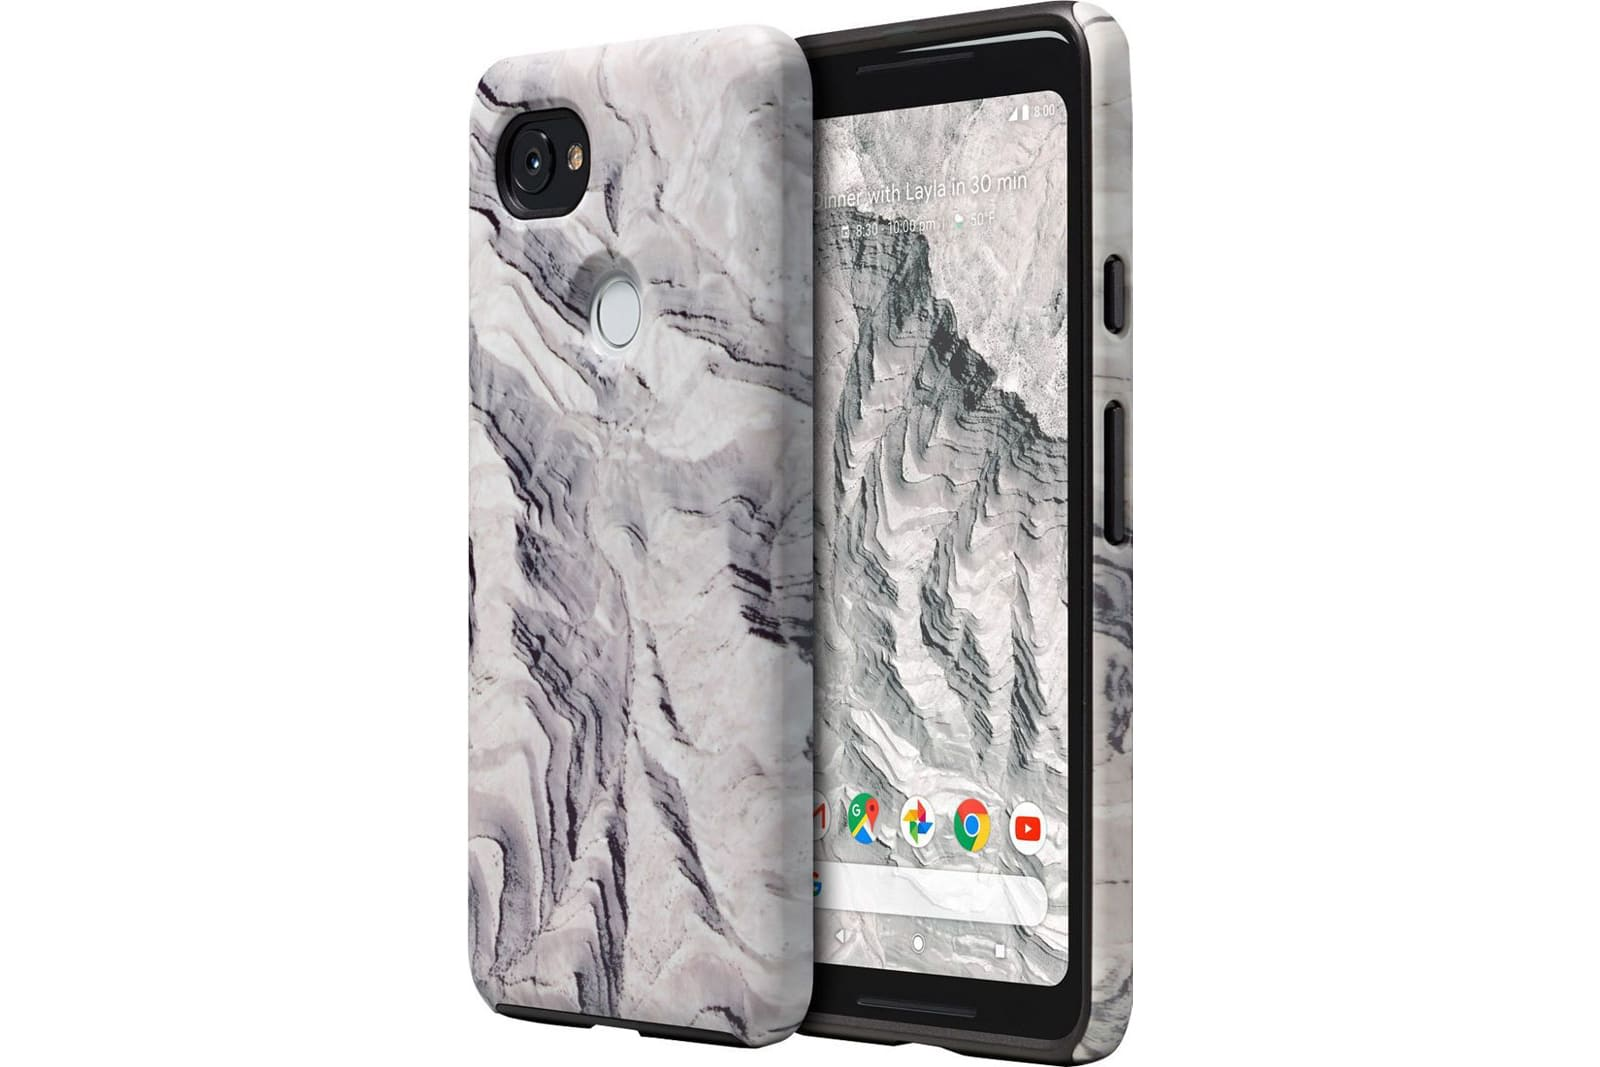 new concept 5d090 cec53 Google quietly shelves custom Pixel phone cases